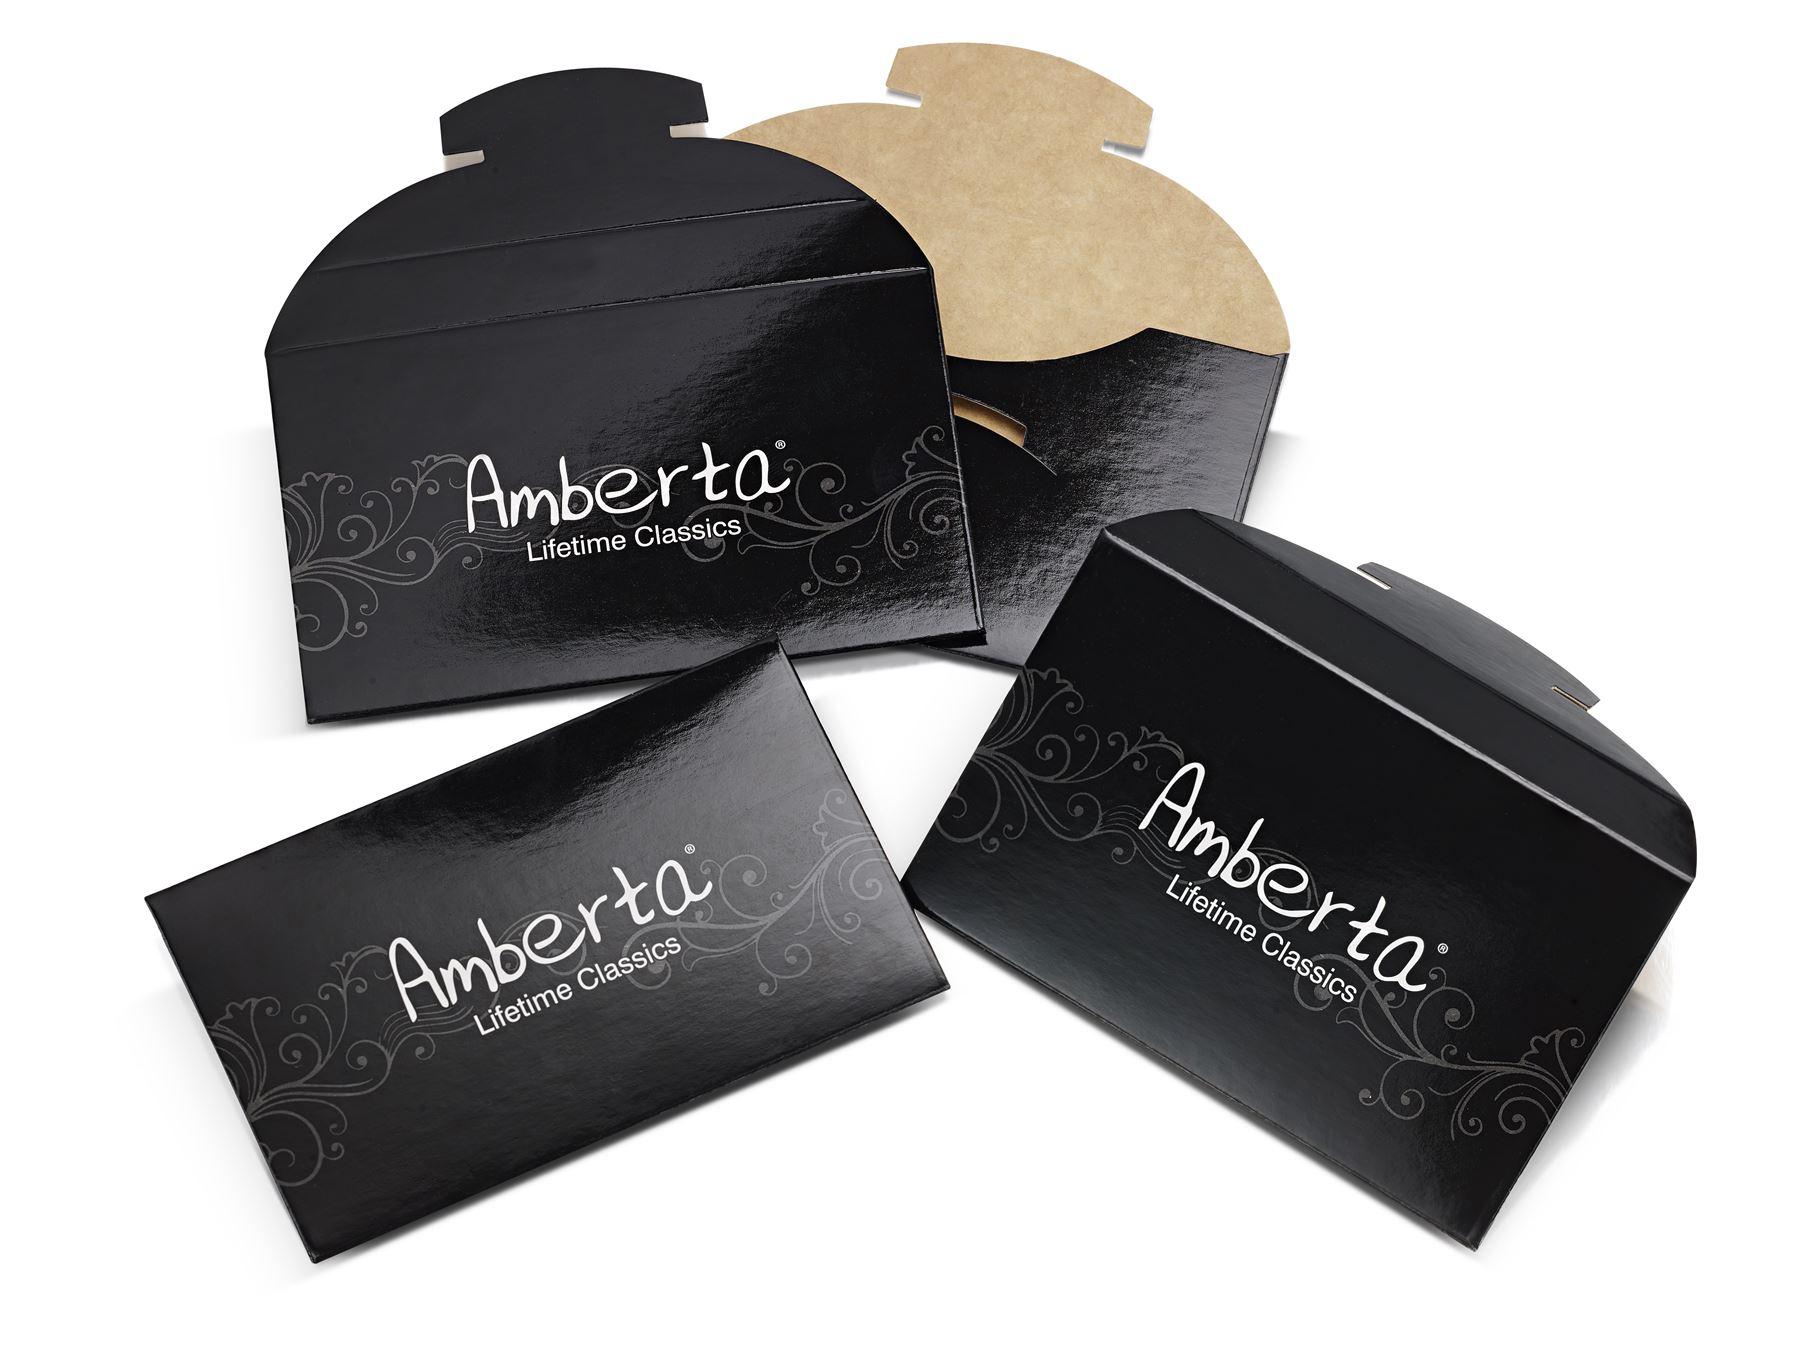 Amberta-Pendientes-para-Mujer-Aros-en-Plata-De-Ley-925-Autentica-Estilo-Clasico miniatura 9